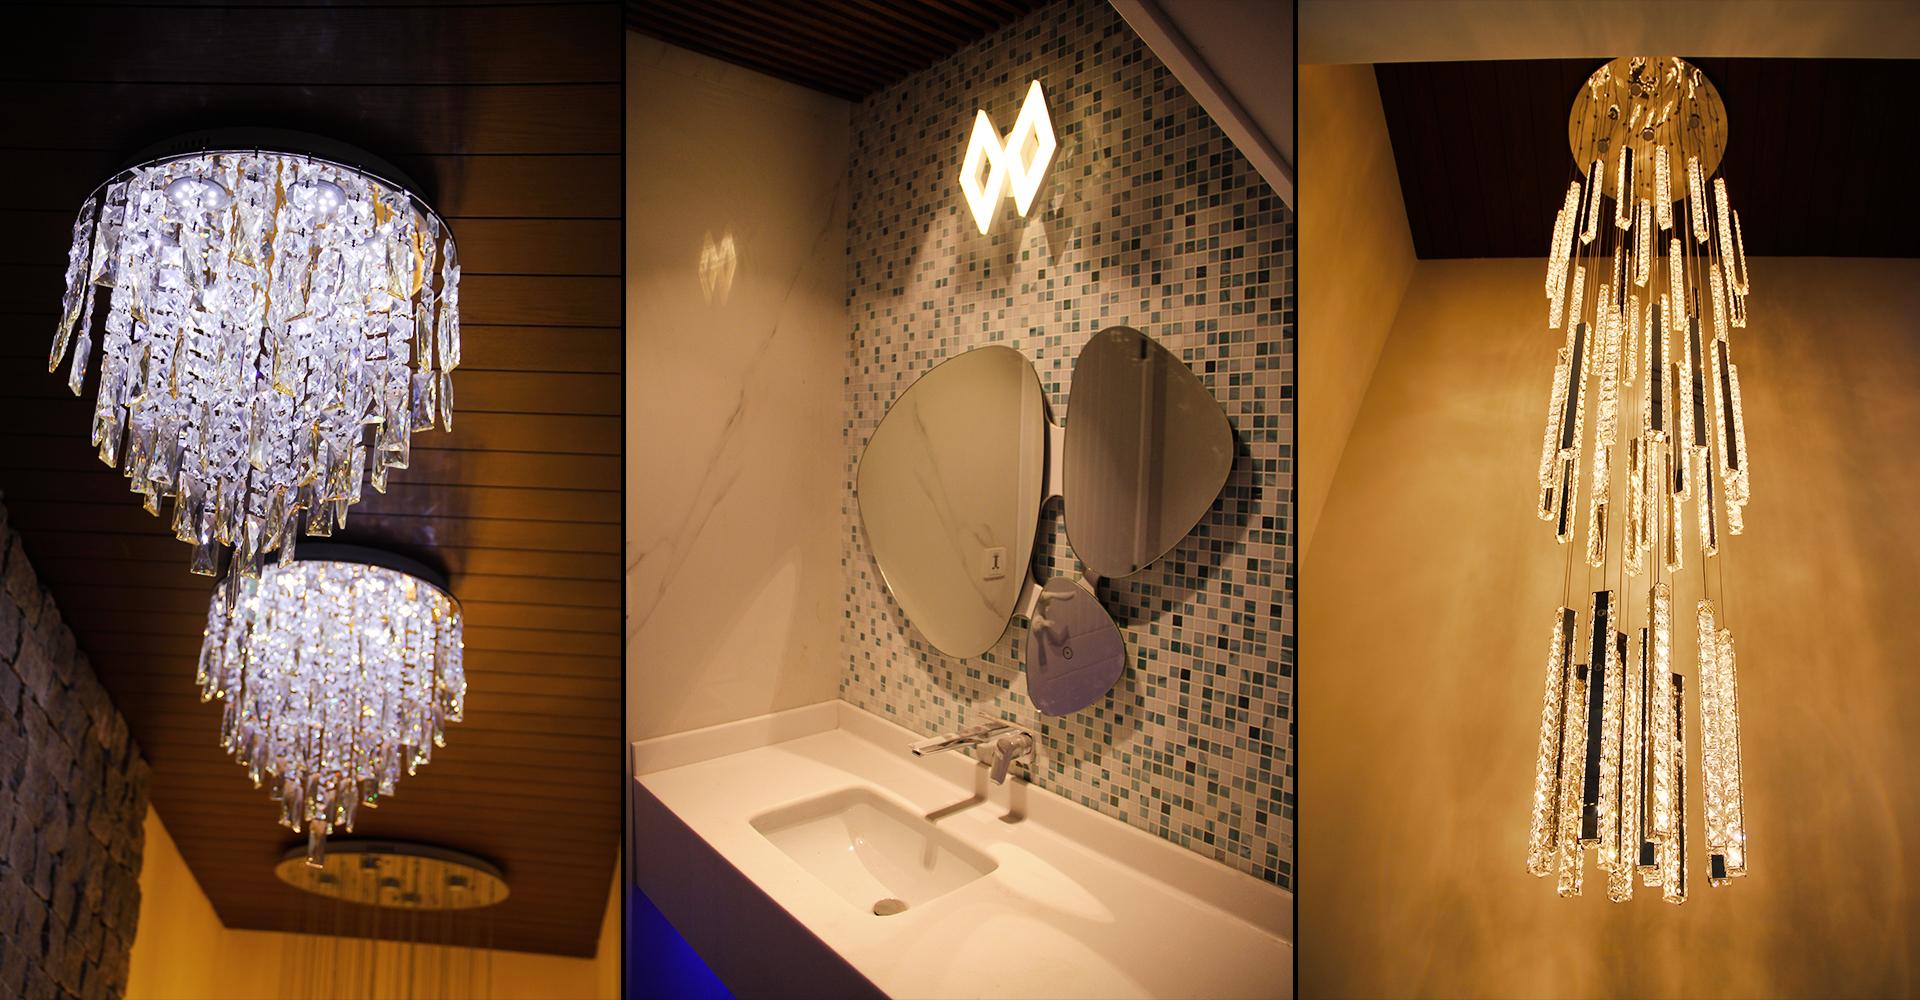 Residential-Interior-Design-Hiline-Lahore-portfolio-65J-DHA-EME-05 (17)